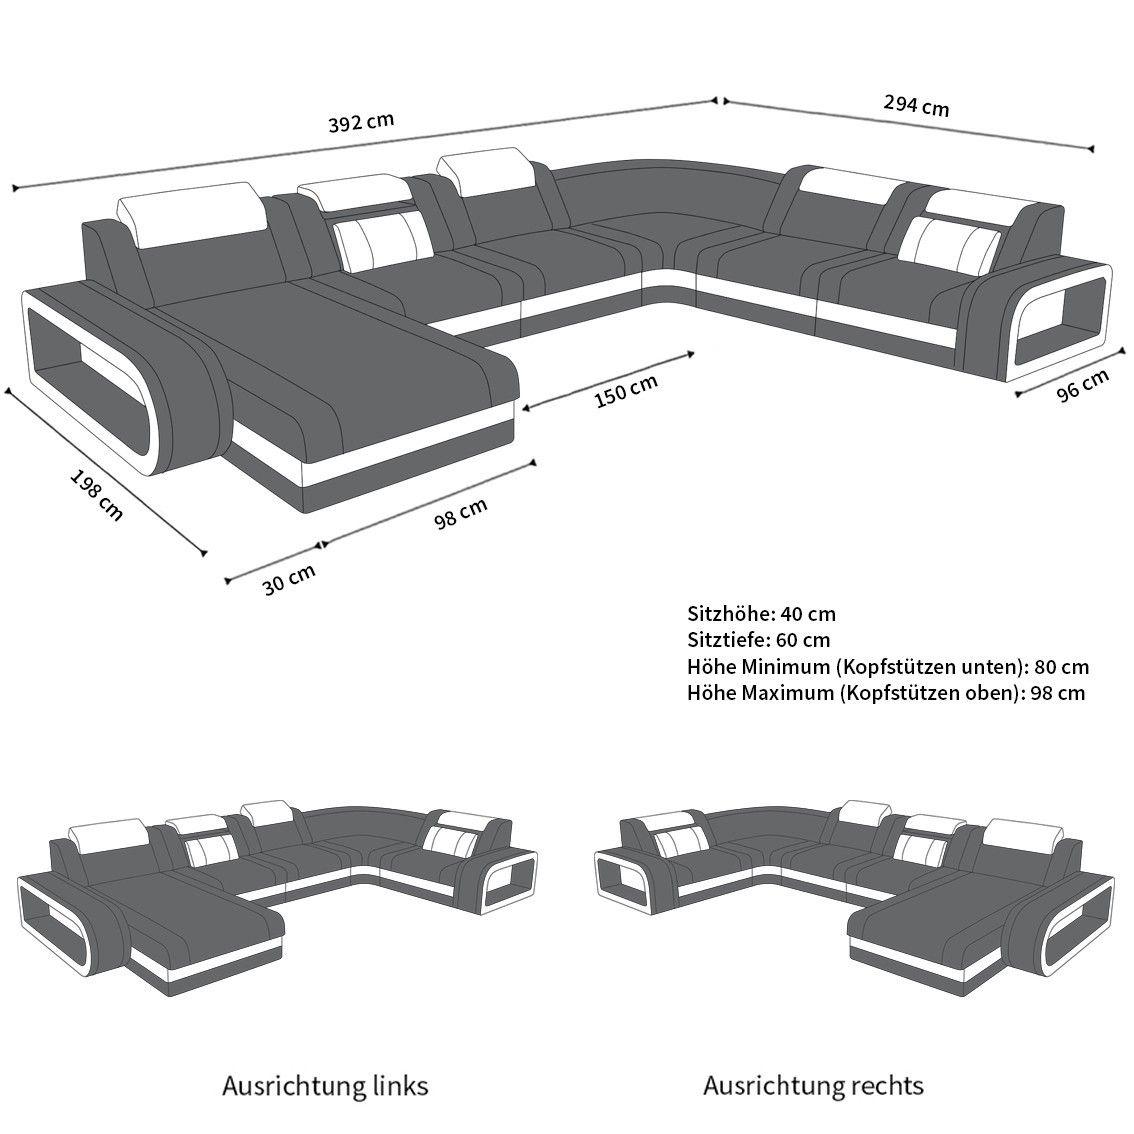 Wohnlandschaft Berlin Xxl Stoffbezug In 2020 Wohnlandschaft Landschaft Wohnen